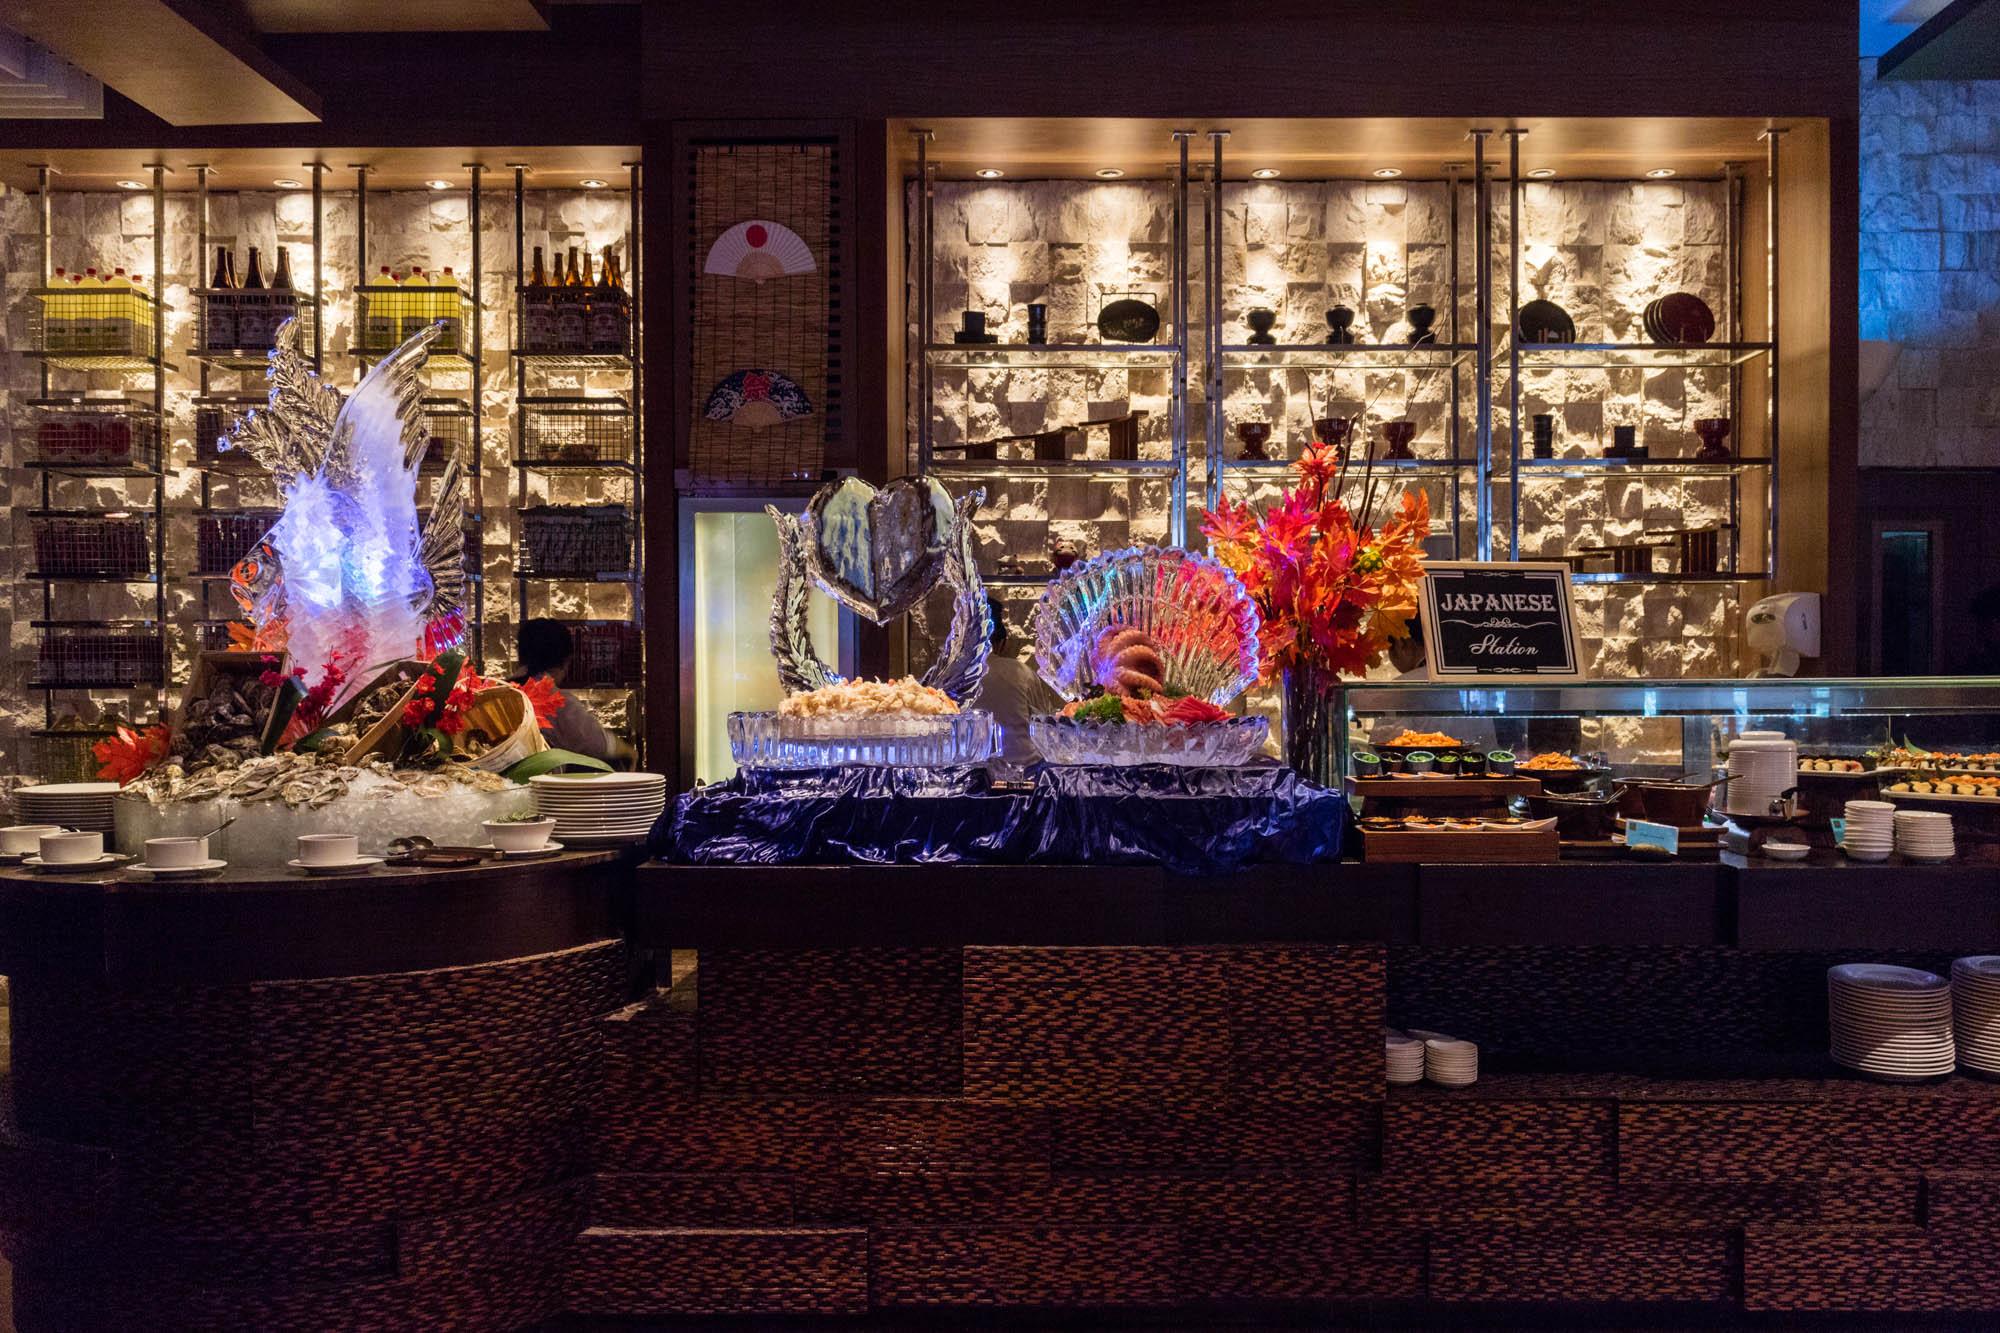 บุฟเฟ่ต์ Big Blu Sunday Brunch ห้องอาหาร Twenty-Seven Bites โรงแรม Radisson Blu Plaza Bangkok  บุฟเฟ่ต์ Big Blu Sunday Brunch ห้องอาหาร Twenty-Seven Bites โรงแรม Radisson Blu Plaza Bangkok IMG 6118